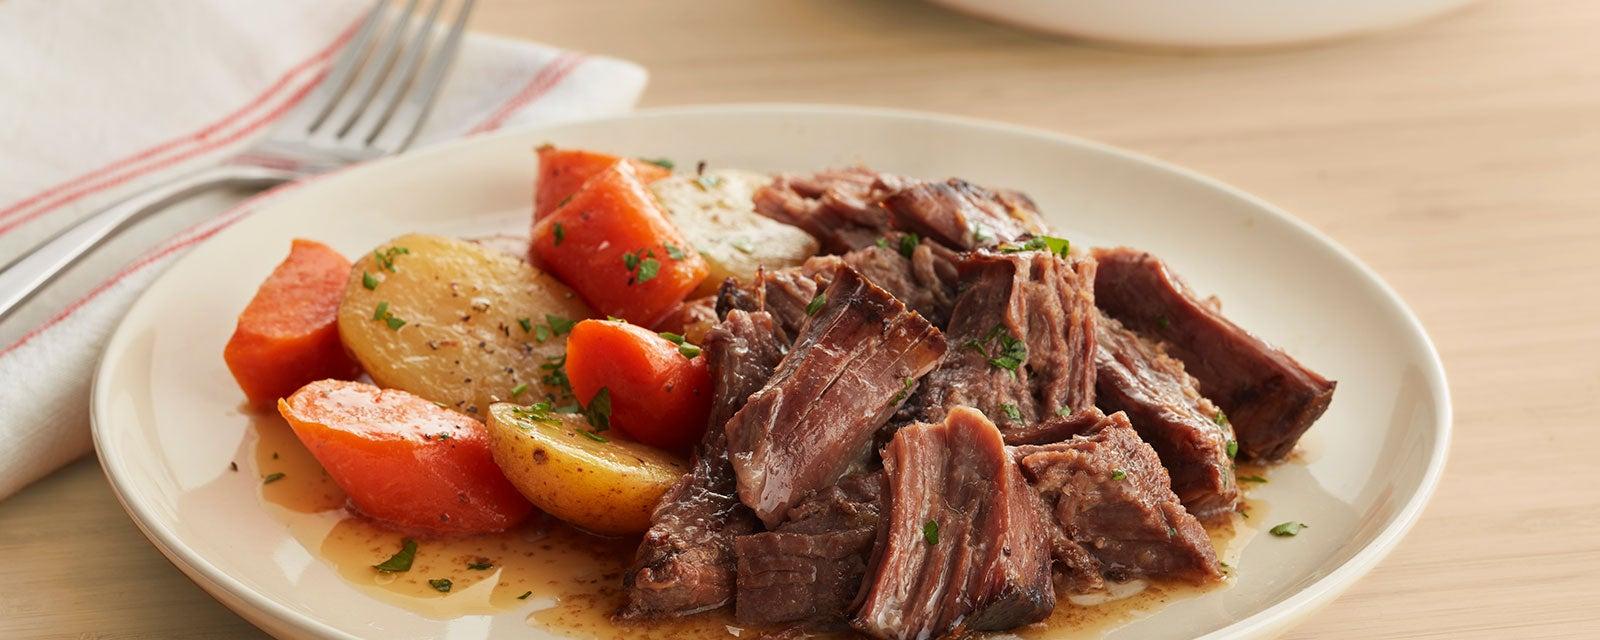 Slow Cooker Ranch Beef Pot Roast Hidden Valley 174 Ranch